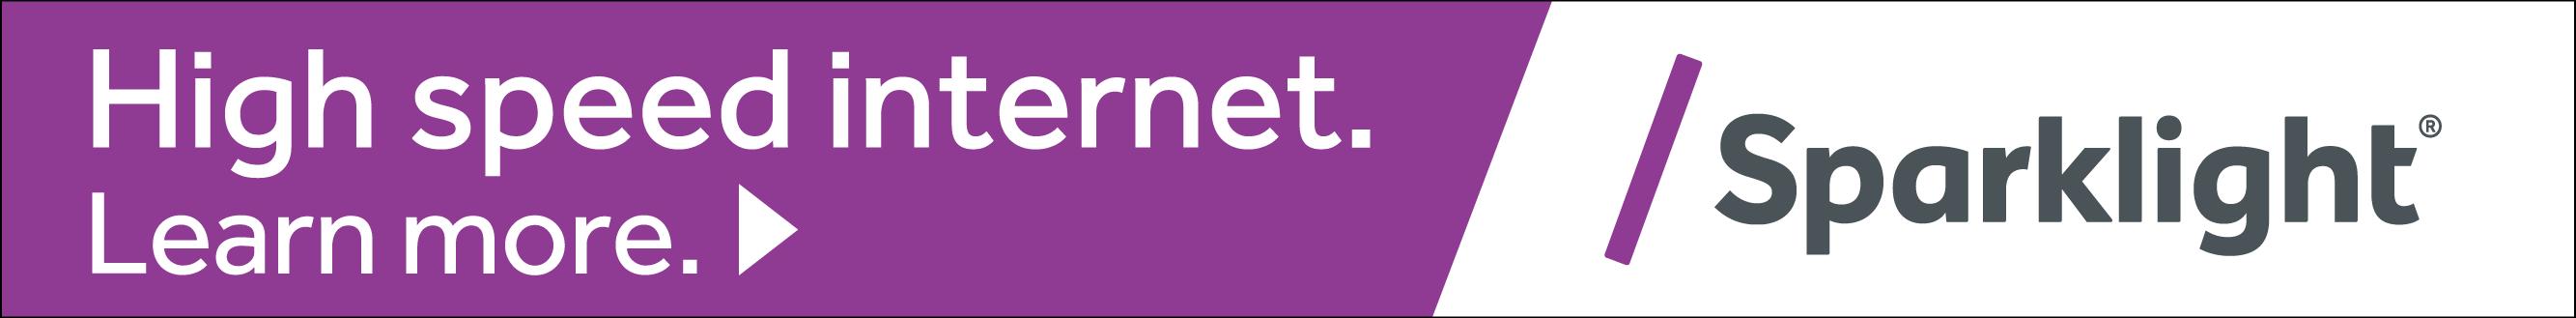 Sparklight - High speed internet